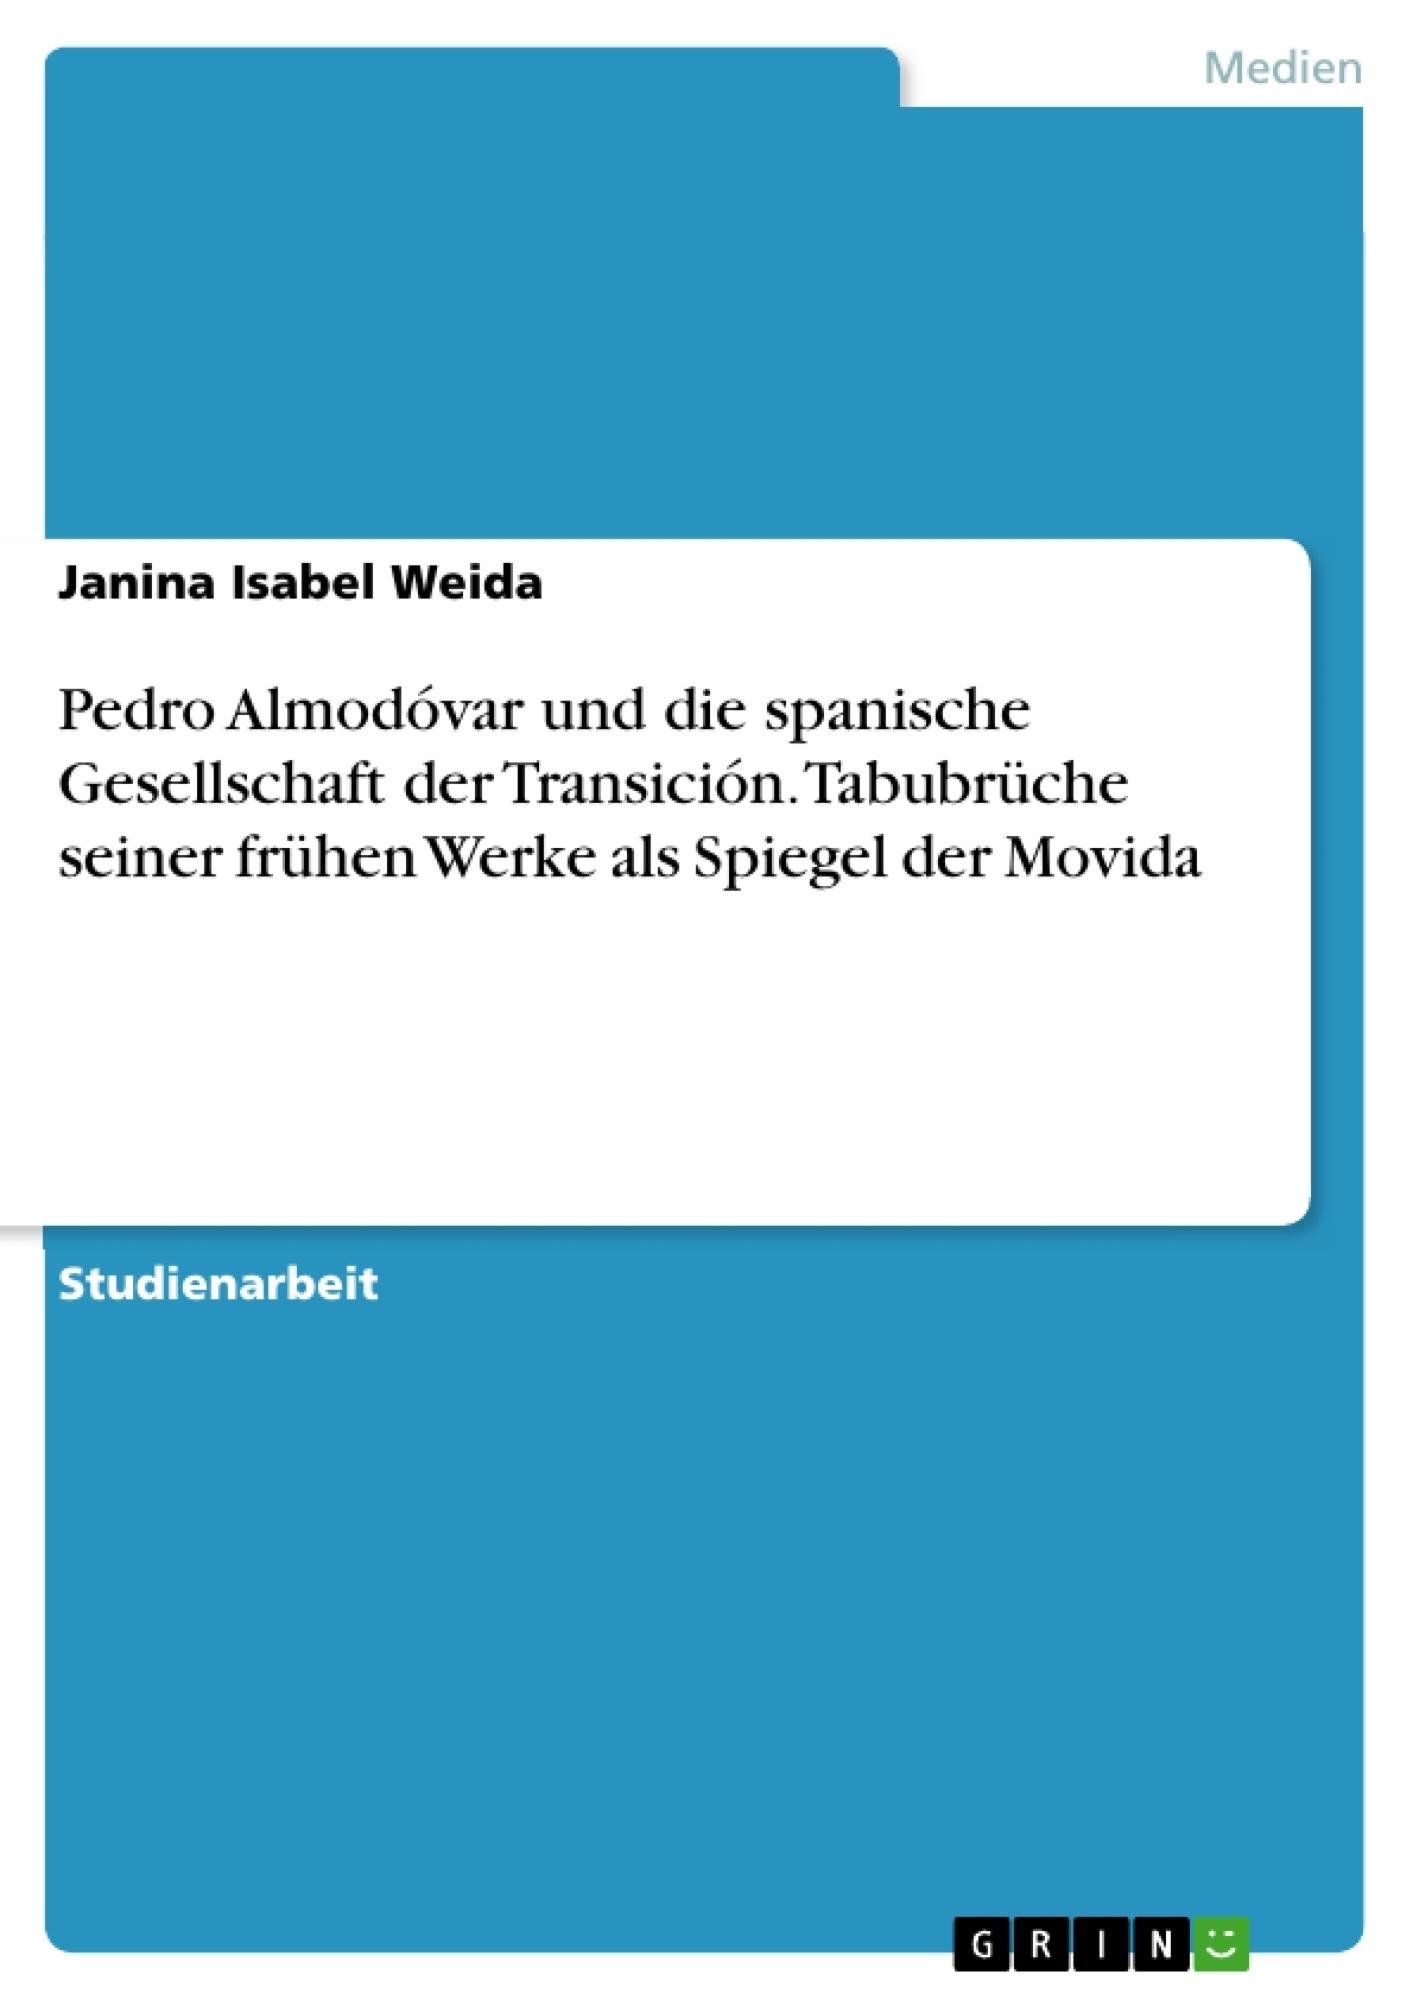 Titel: Pedro Almodóvar und die spanische Gesellschaft der Transición. Tabubrüche seiner frühen Werke als Spiegel der Movida